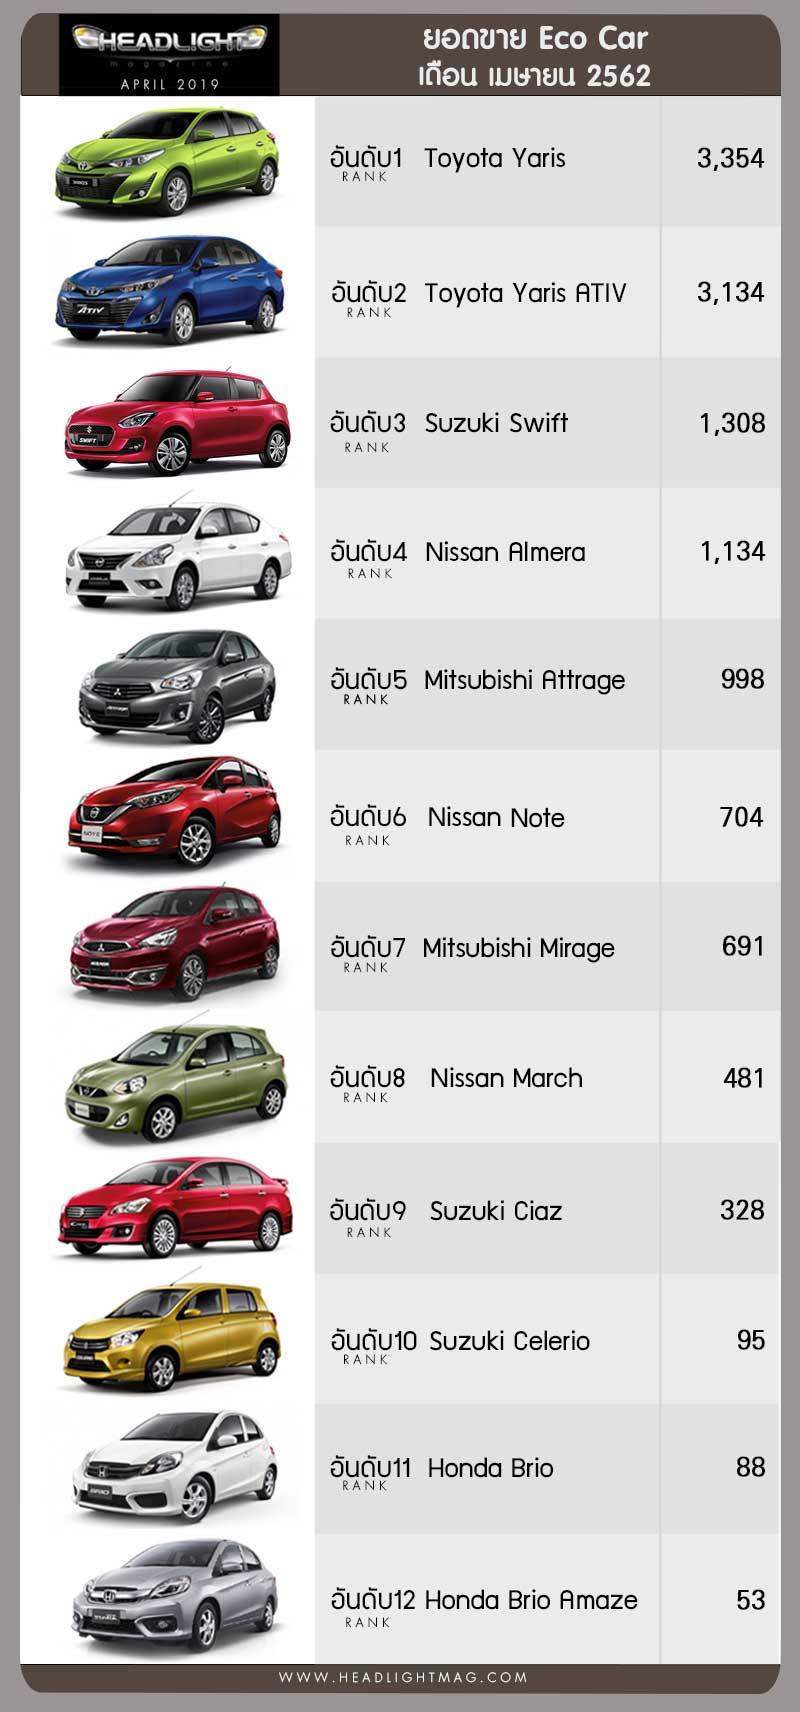 Toyota Yaris áp đảo các đối thủ tại phân khúc Eco Car